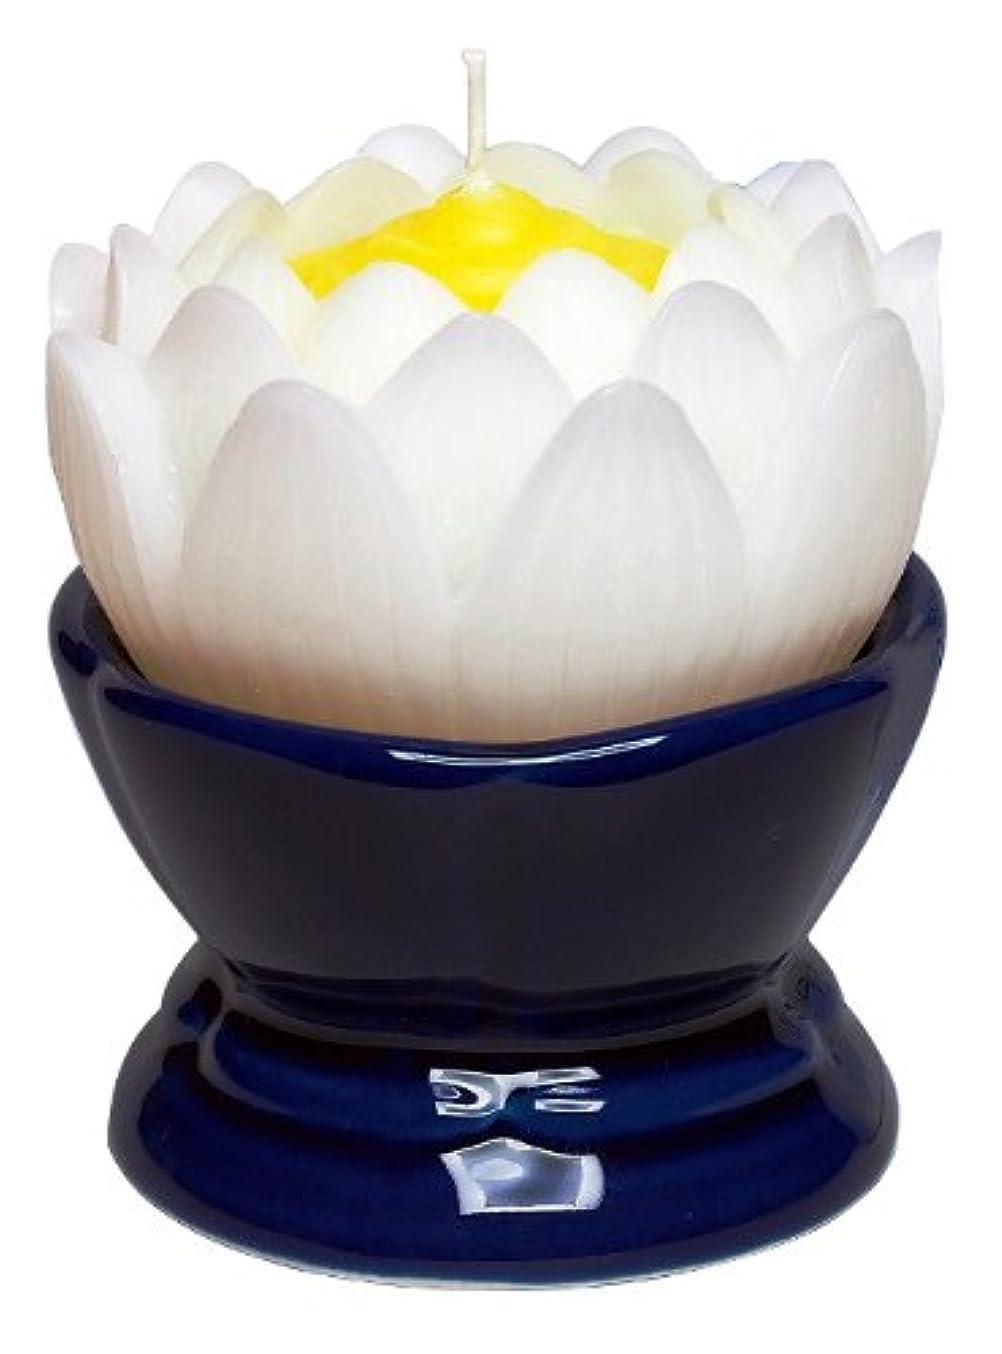 ヒューム神ソーダ水マルエス 蓮の花 大 ホワイト 燭台付